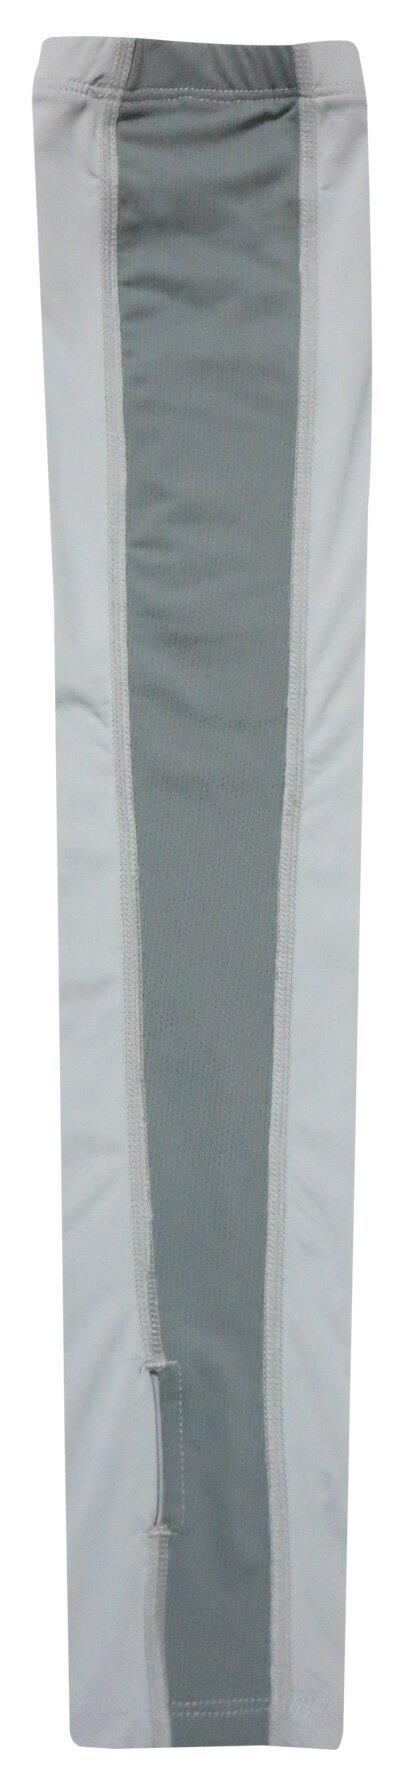 ├登山樂┤台灣MOUNTNEER 山林 中性透氣抗UV袖套 淺灰#11K95-08